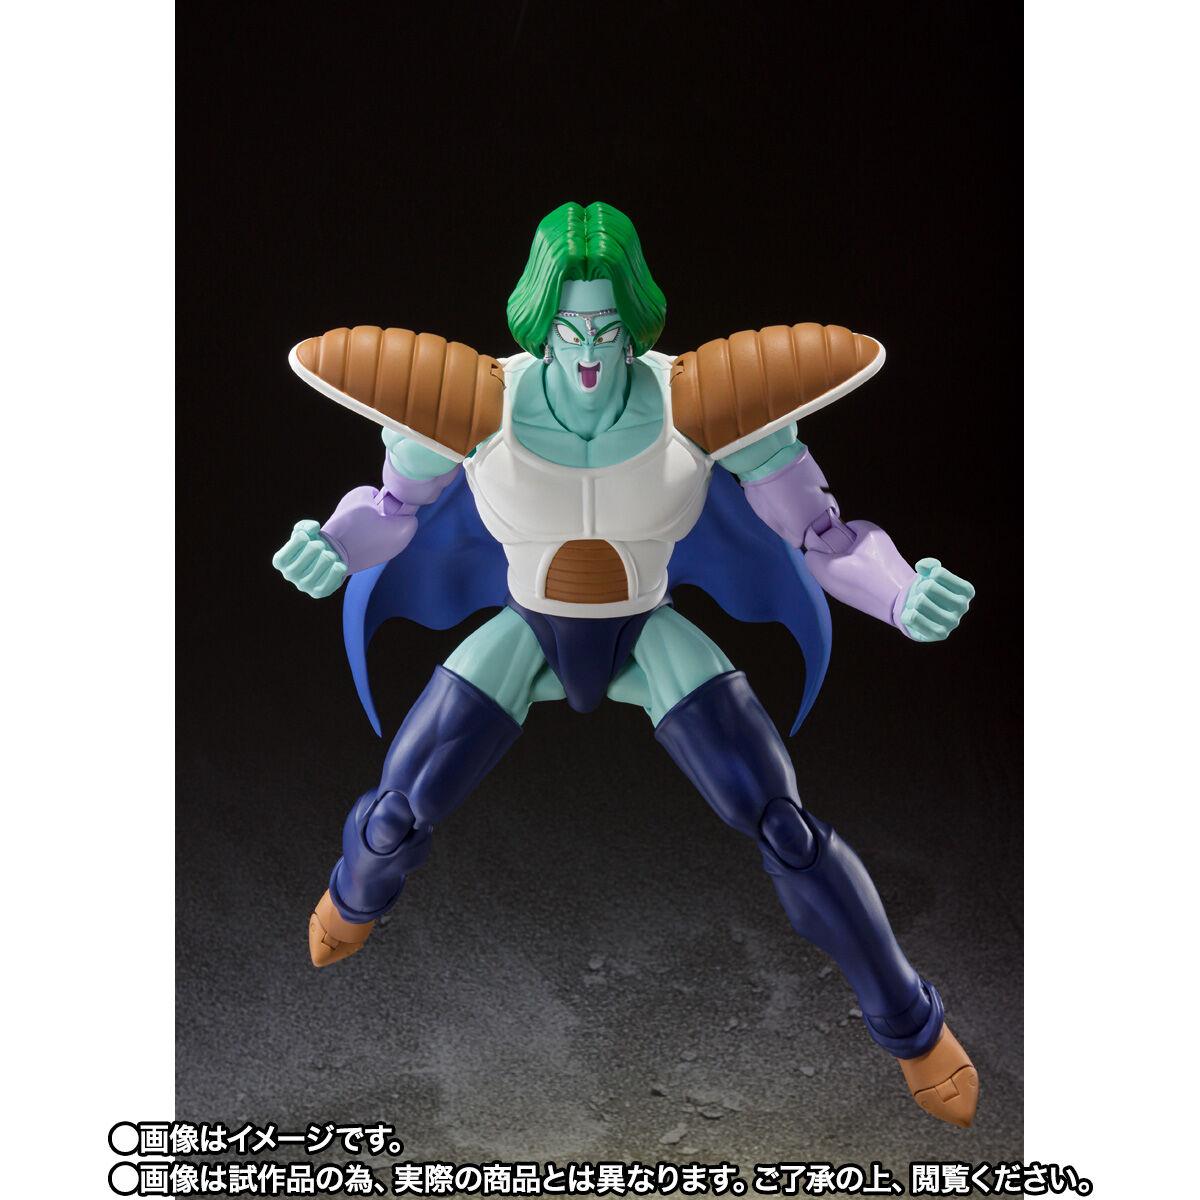 【限定販売】S.H.Figuarts『ザーボン』ドラゴンボールZ 可動フィギュア-003